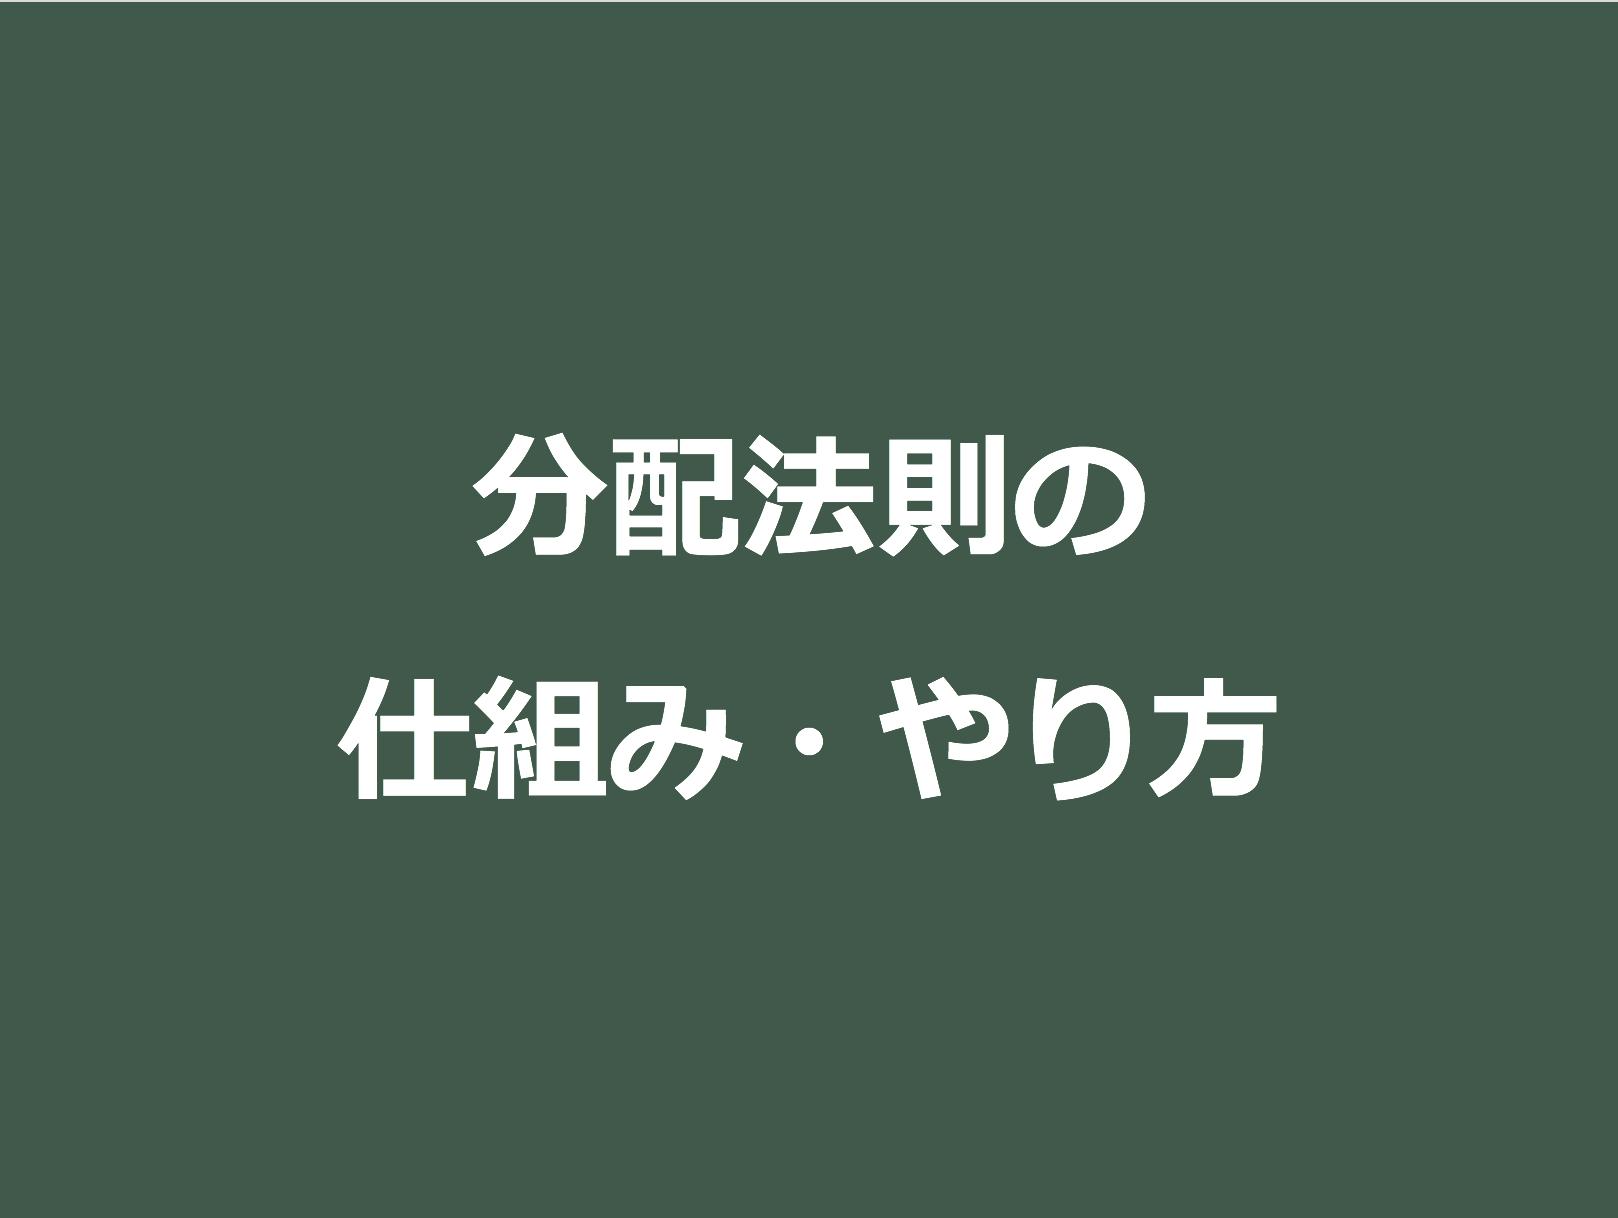 Screen Shot 2017-09-01 at 17.00.16